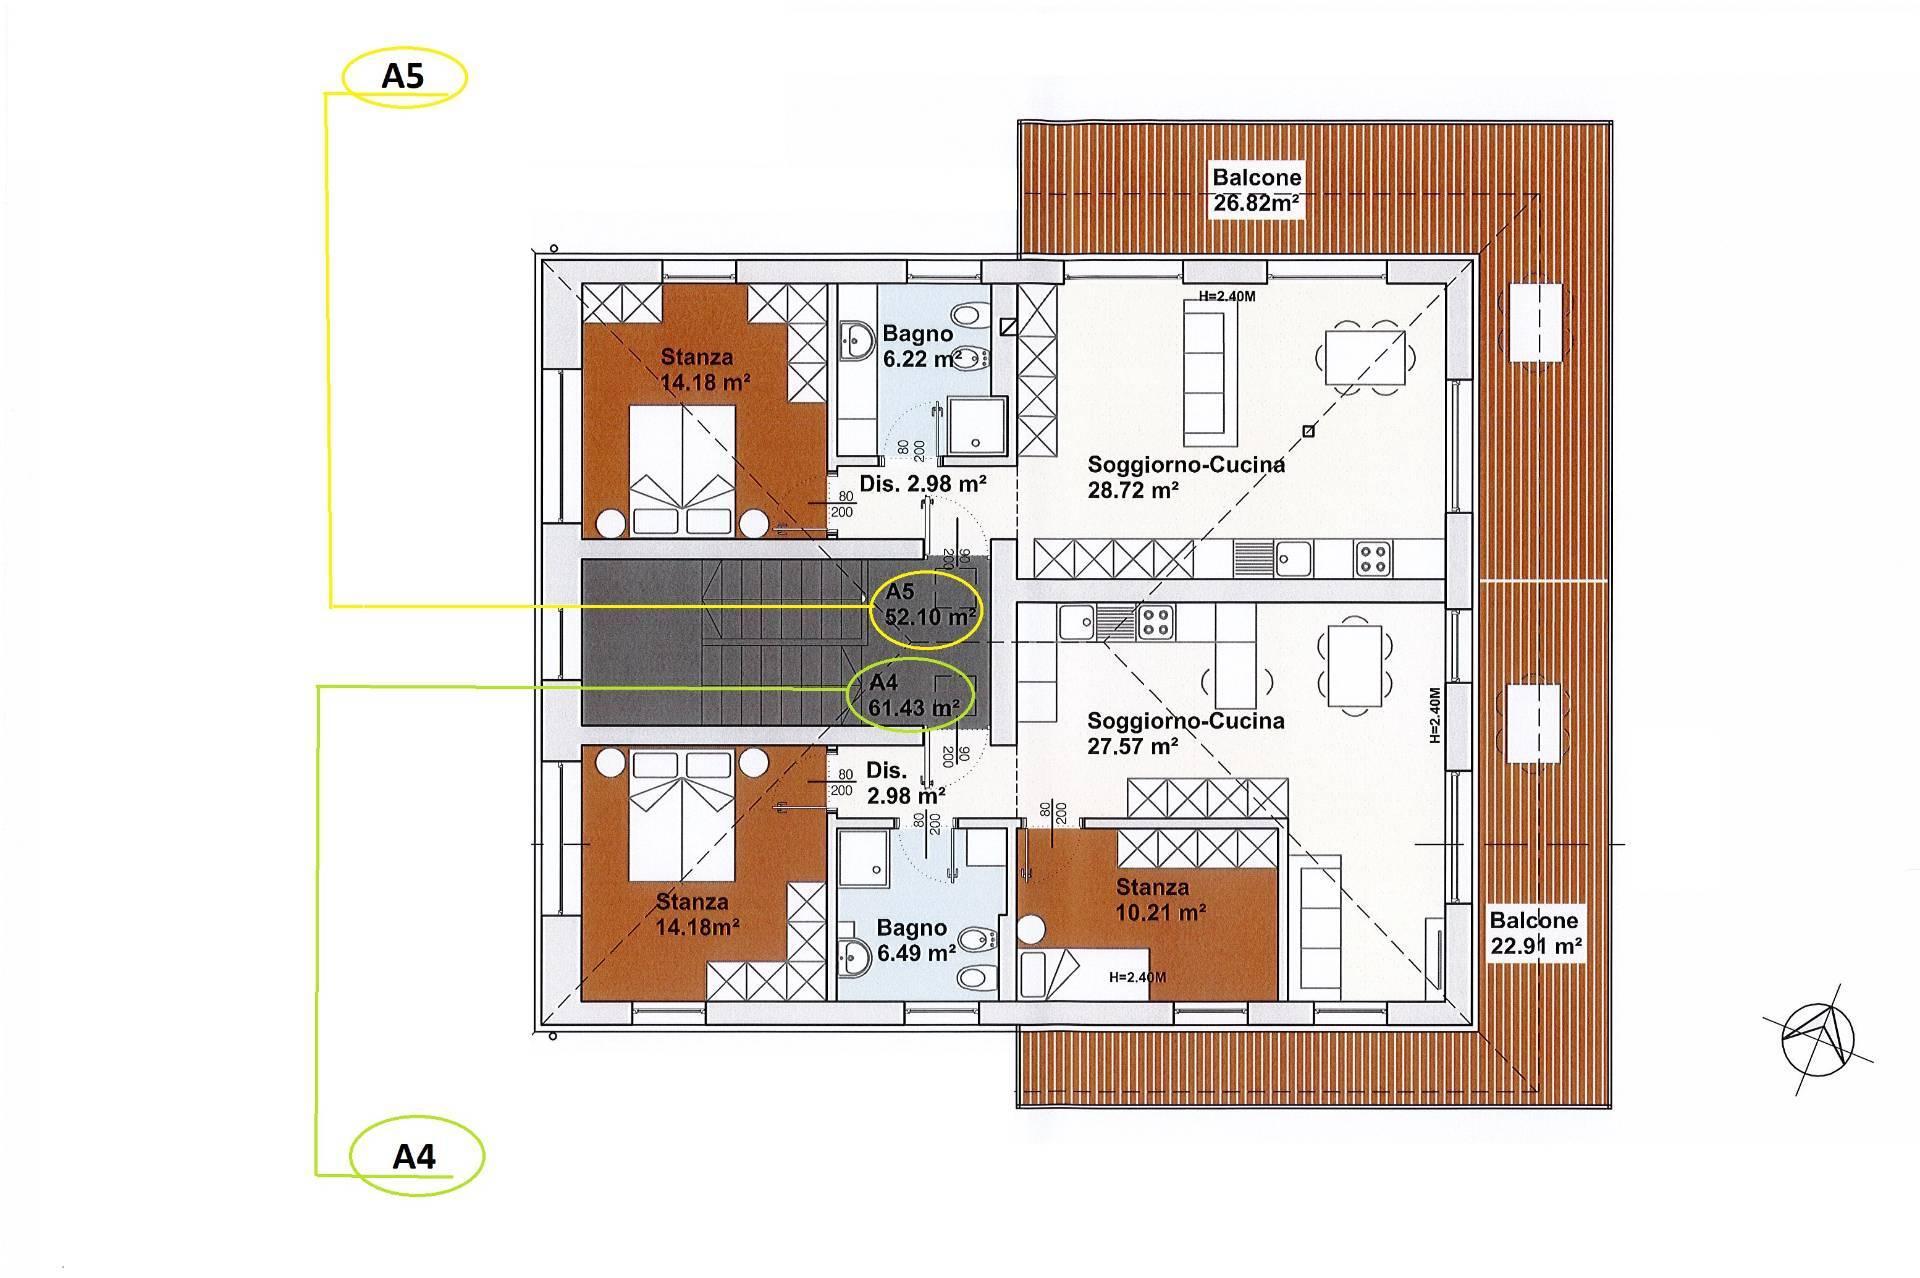 Appartamento in vendita a Trodena, 2 locali, zona Località: SanLugano, prezzo € 216.908 | CambioCasa.it